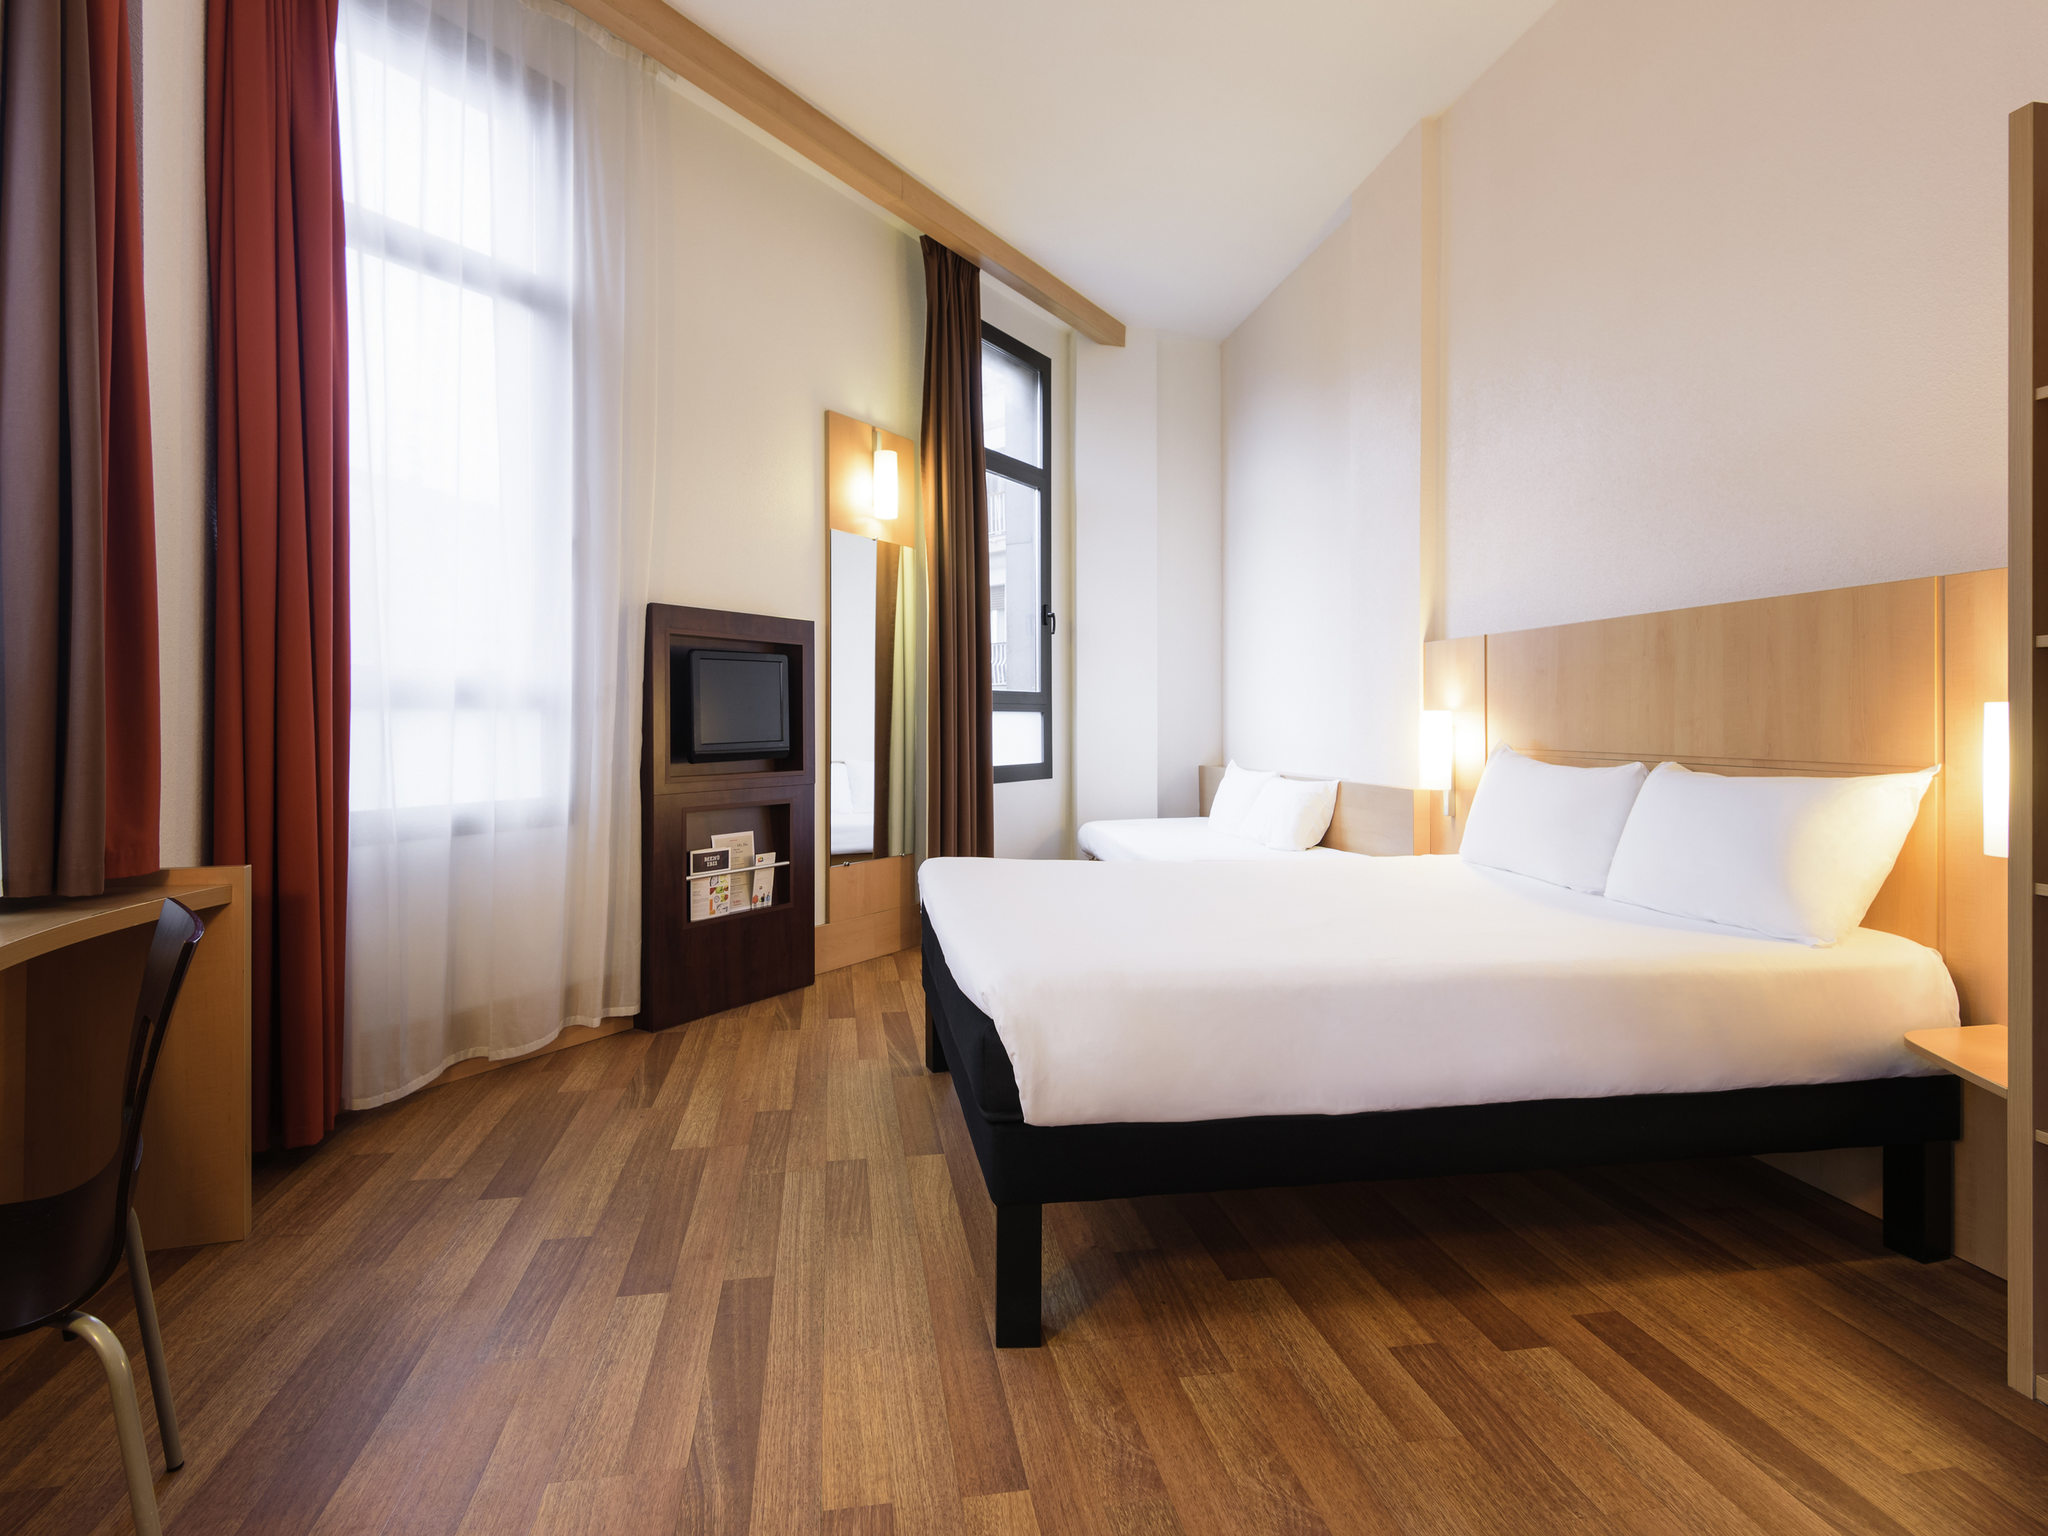 ホテル – イビスビルバオセントロ